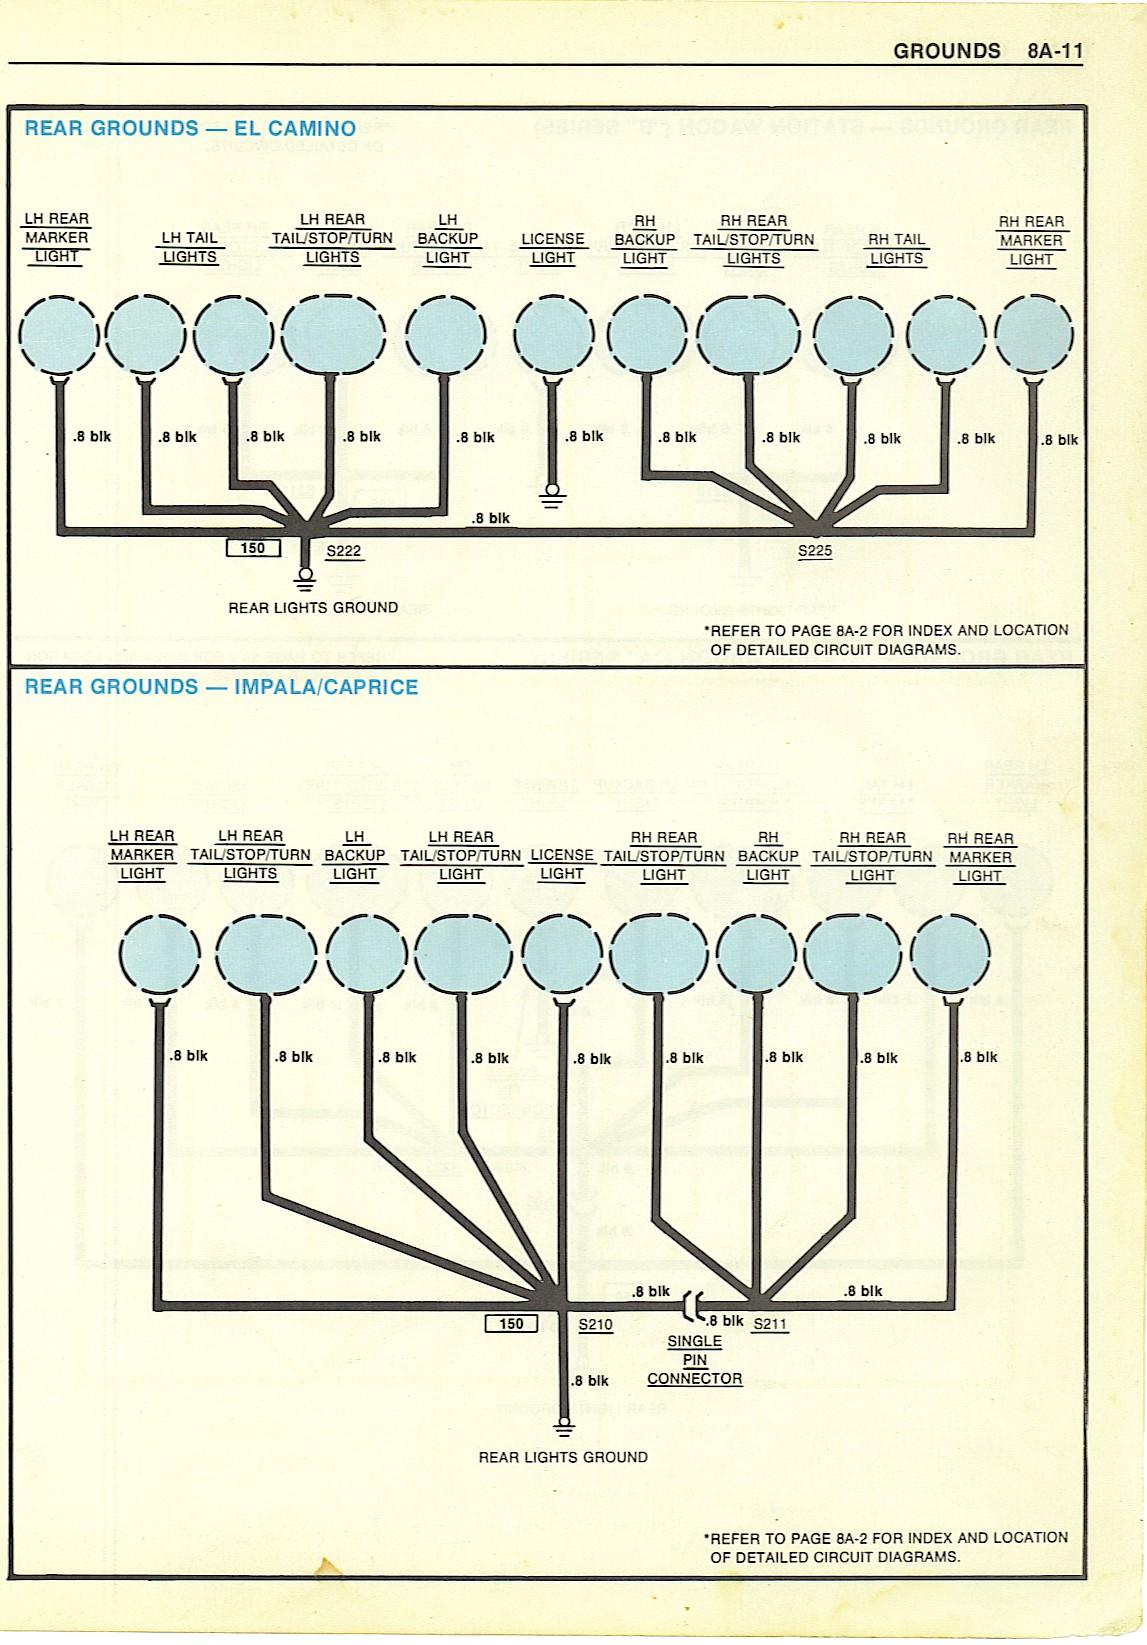 1986 chevy el camino wiringdiagram INUkcnL chevy el camino vacuum diagram image details